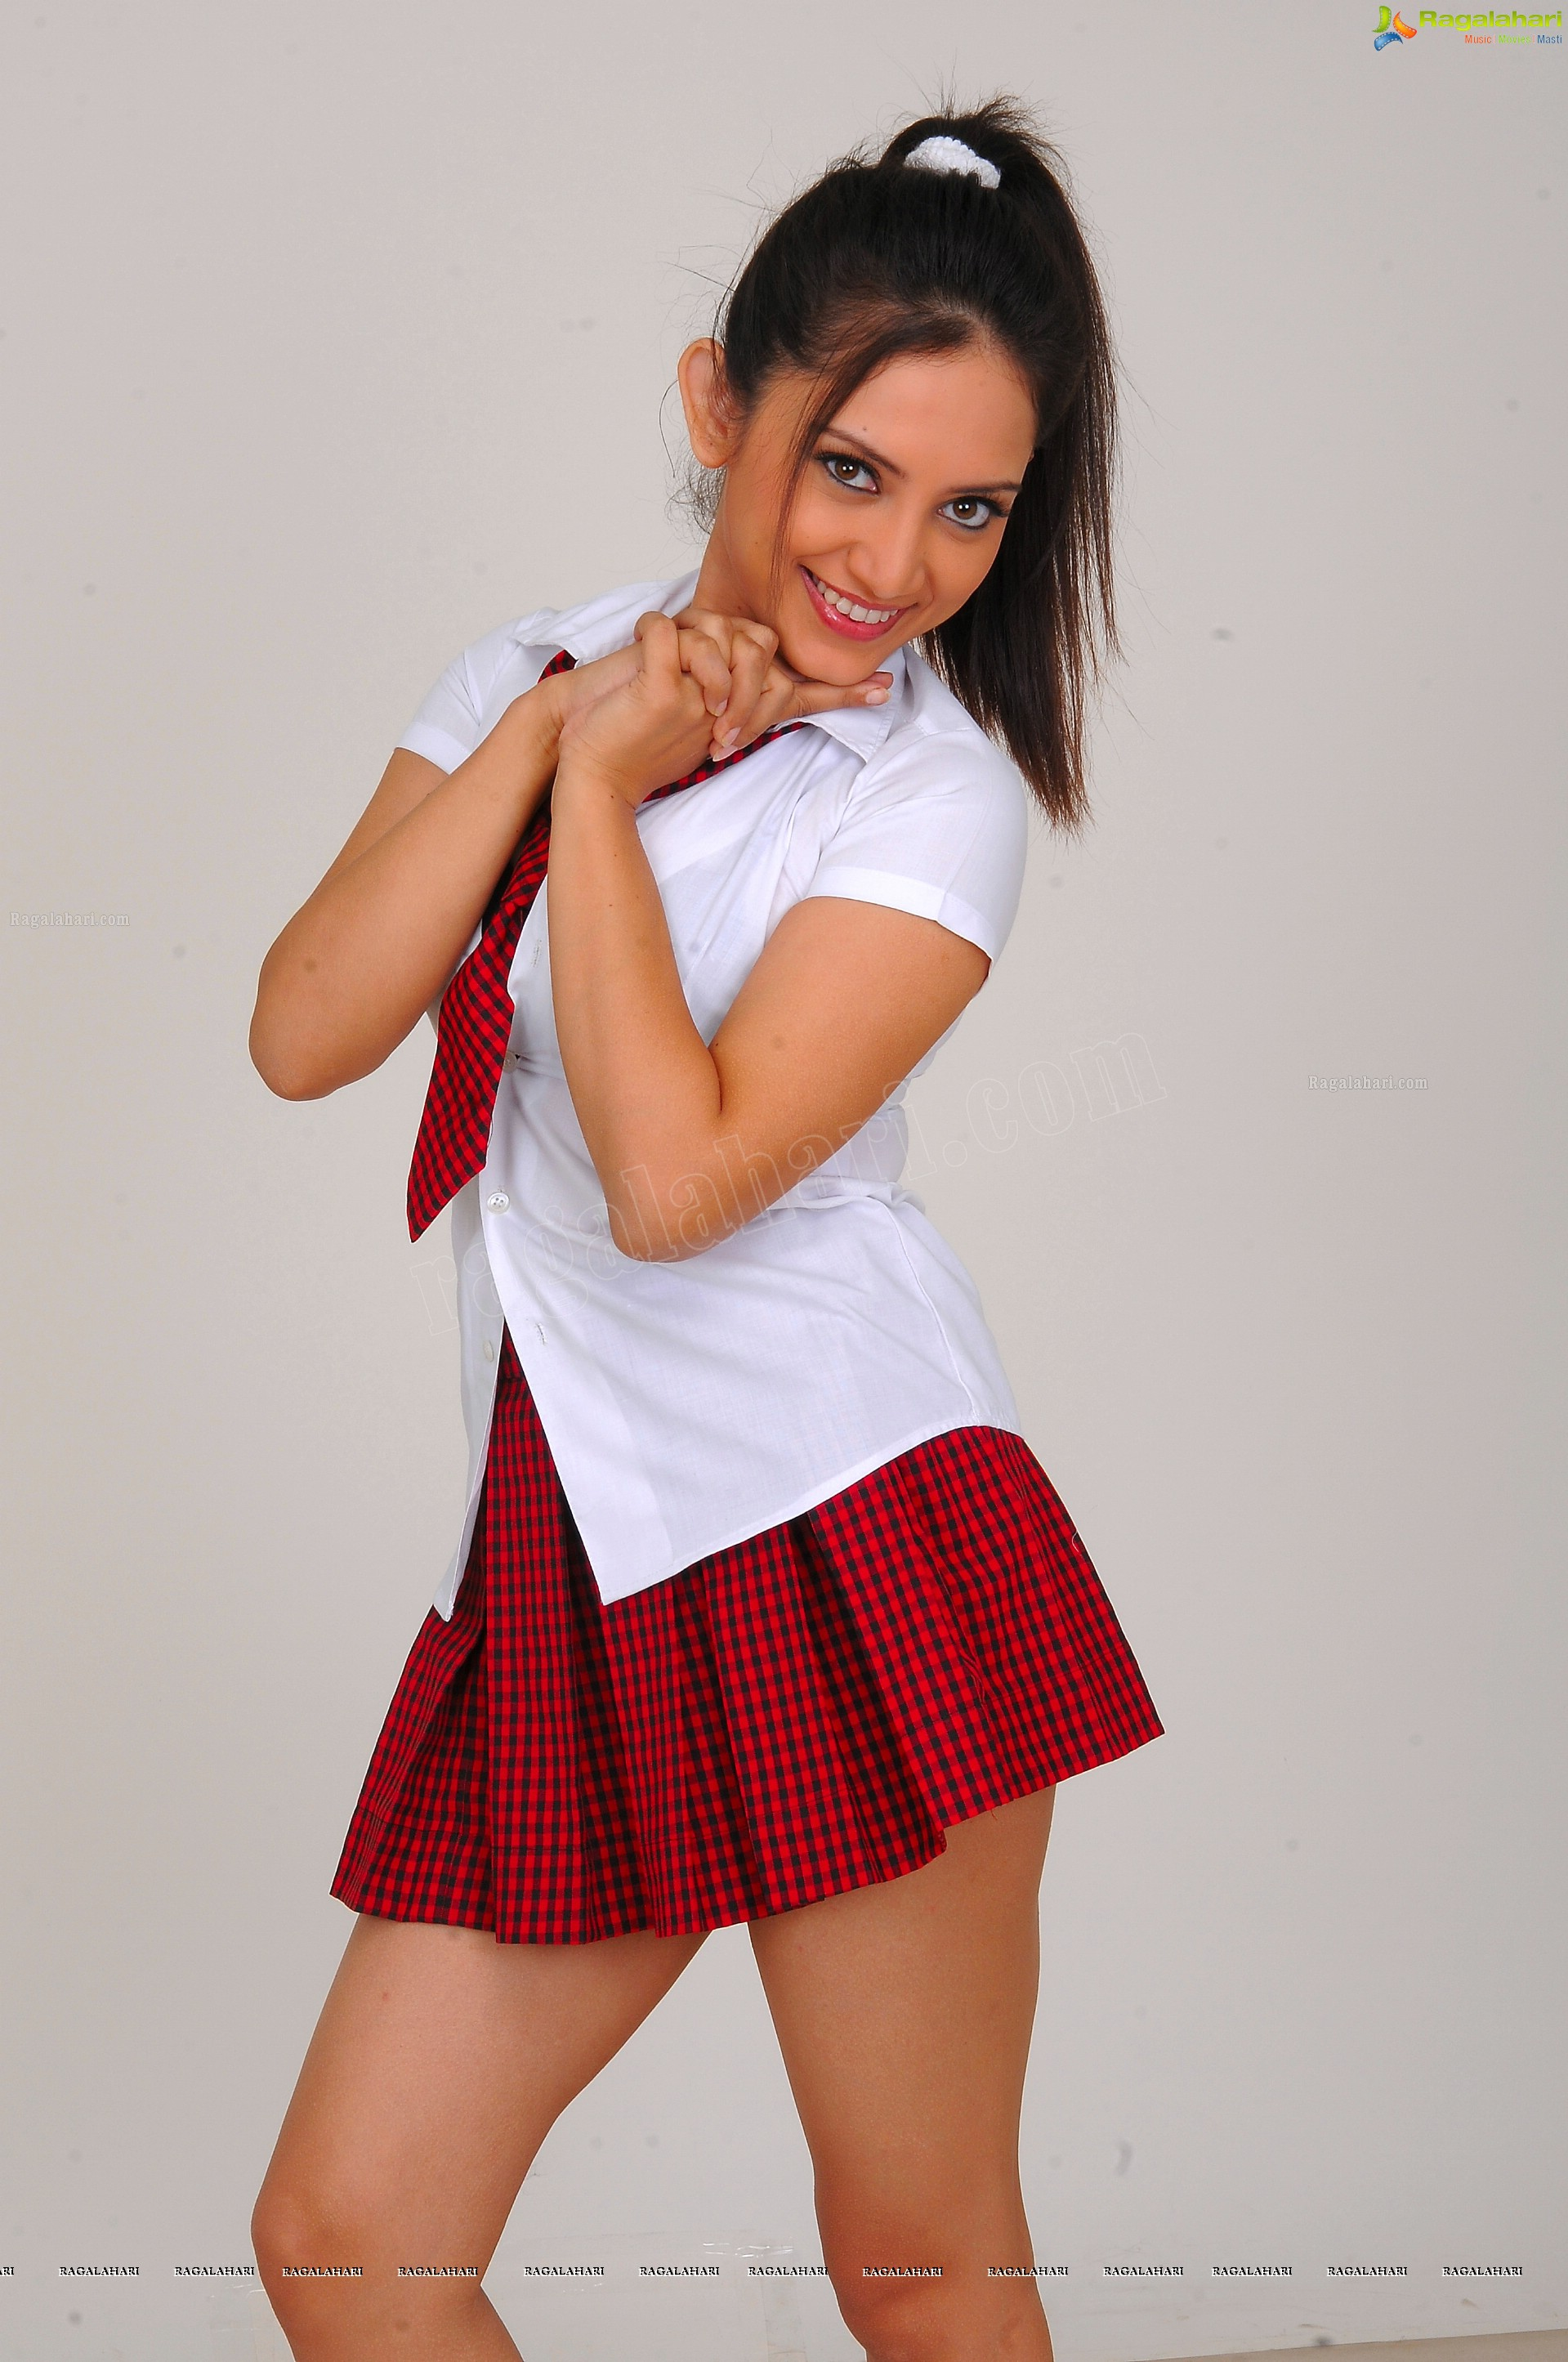 http://img.raagalahari.com/june2013/hd/telugu-heroine-leesa/telugu-heroine-leesa48.jpg